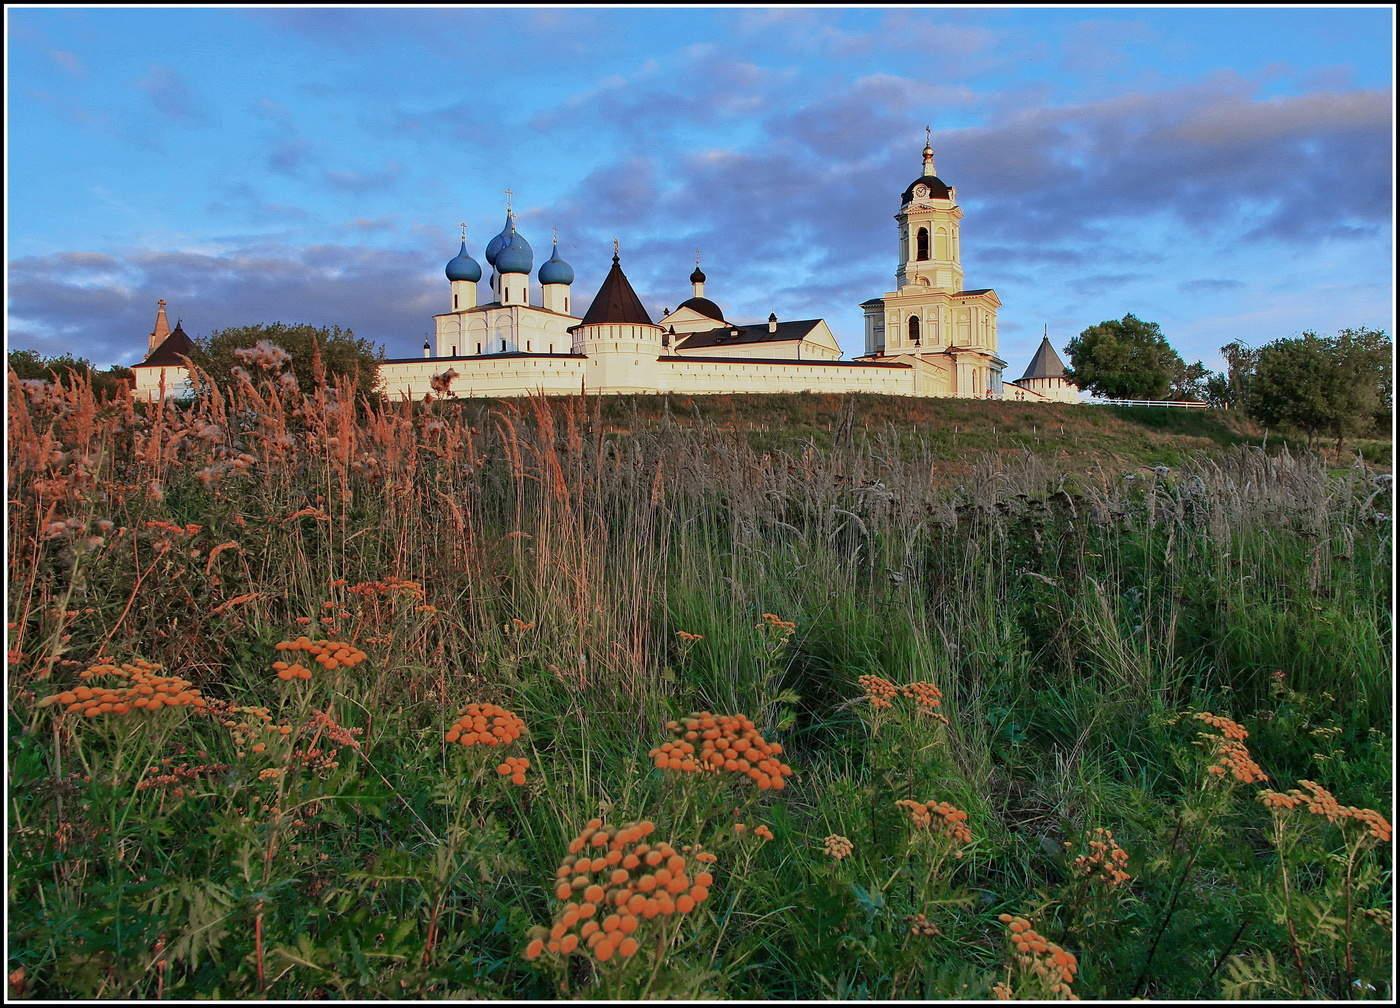 вкусным высоцкий монастырь серпухов фото цветов бежевой спальне